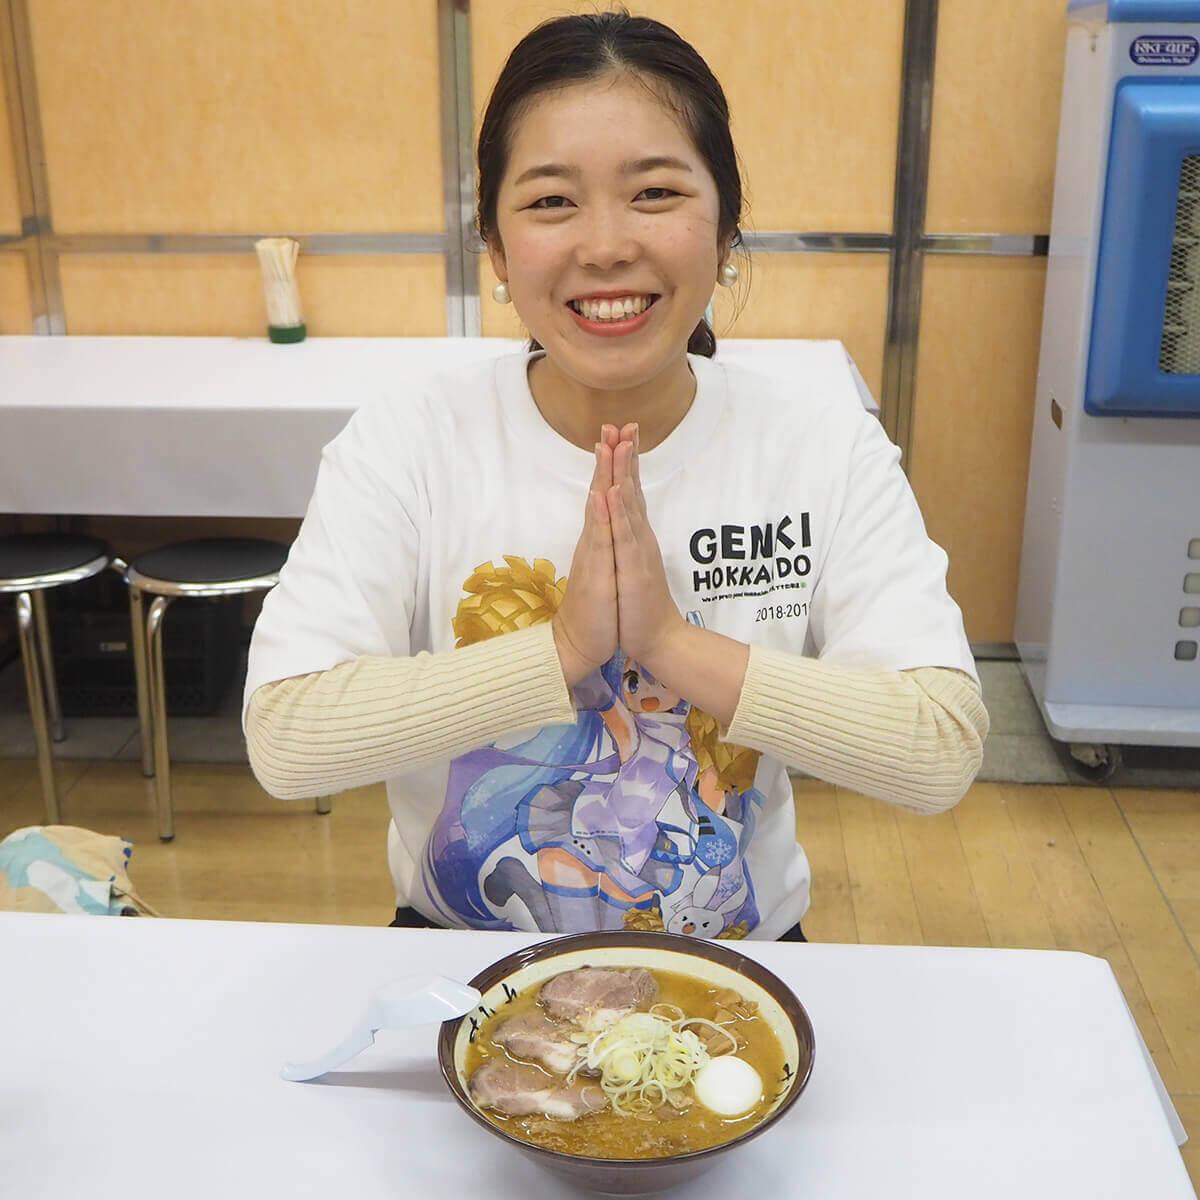 daimaru_saimatsu_hokkaido19